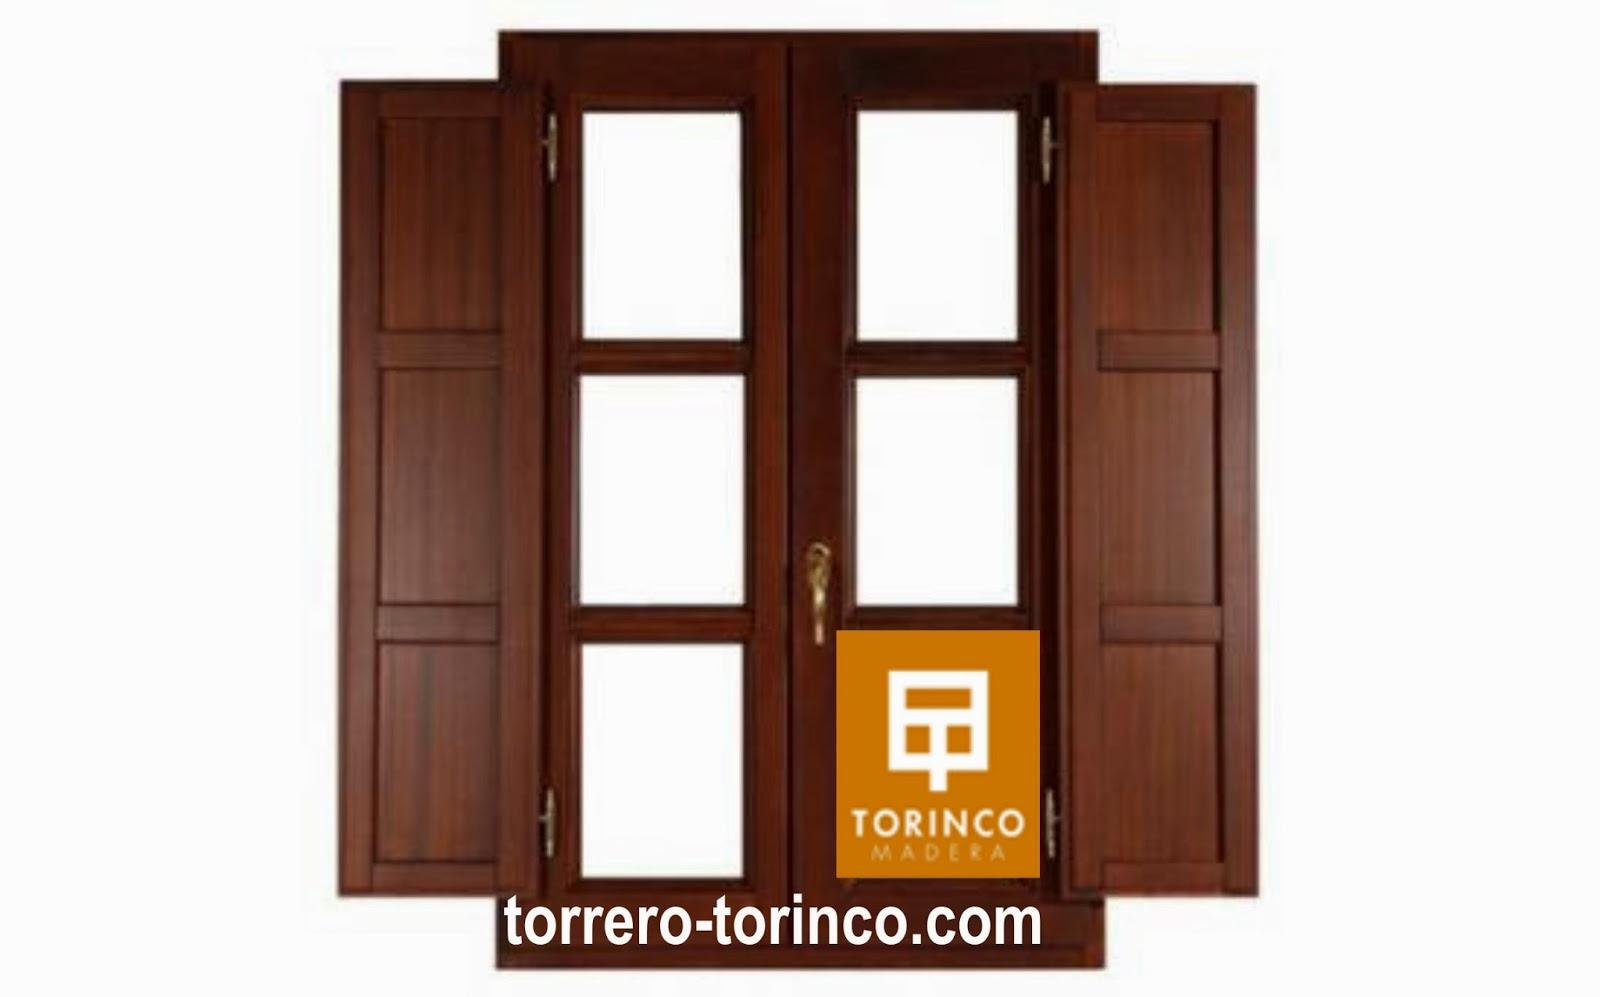 Torinco fabricantes ventanas de madera ventanas de for Ventanas en madera